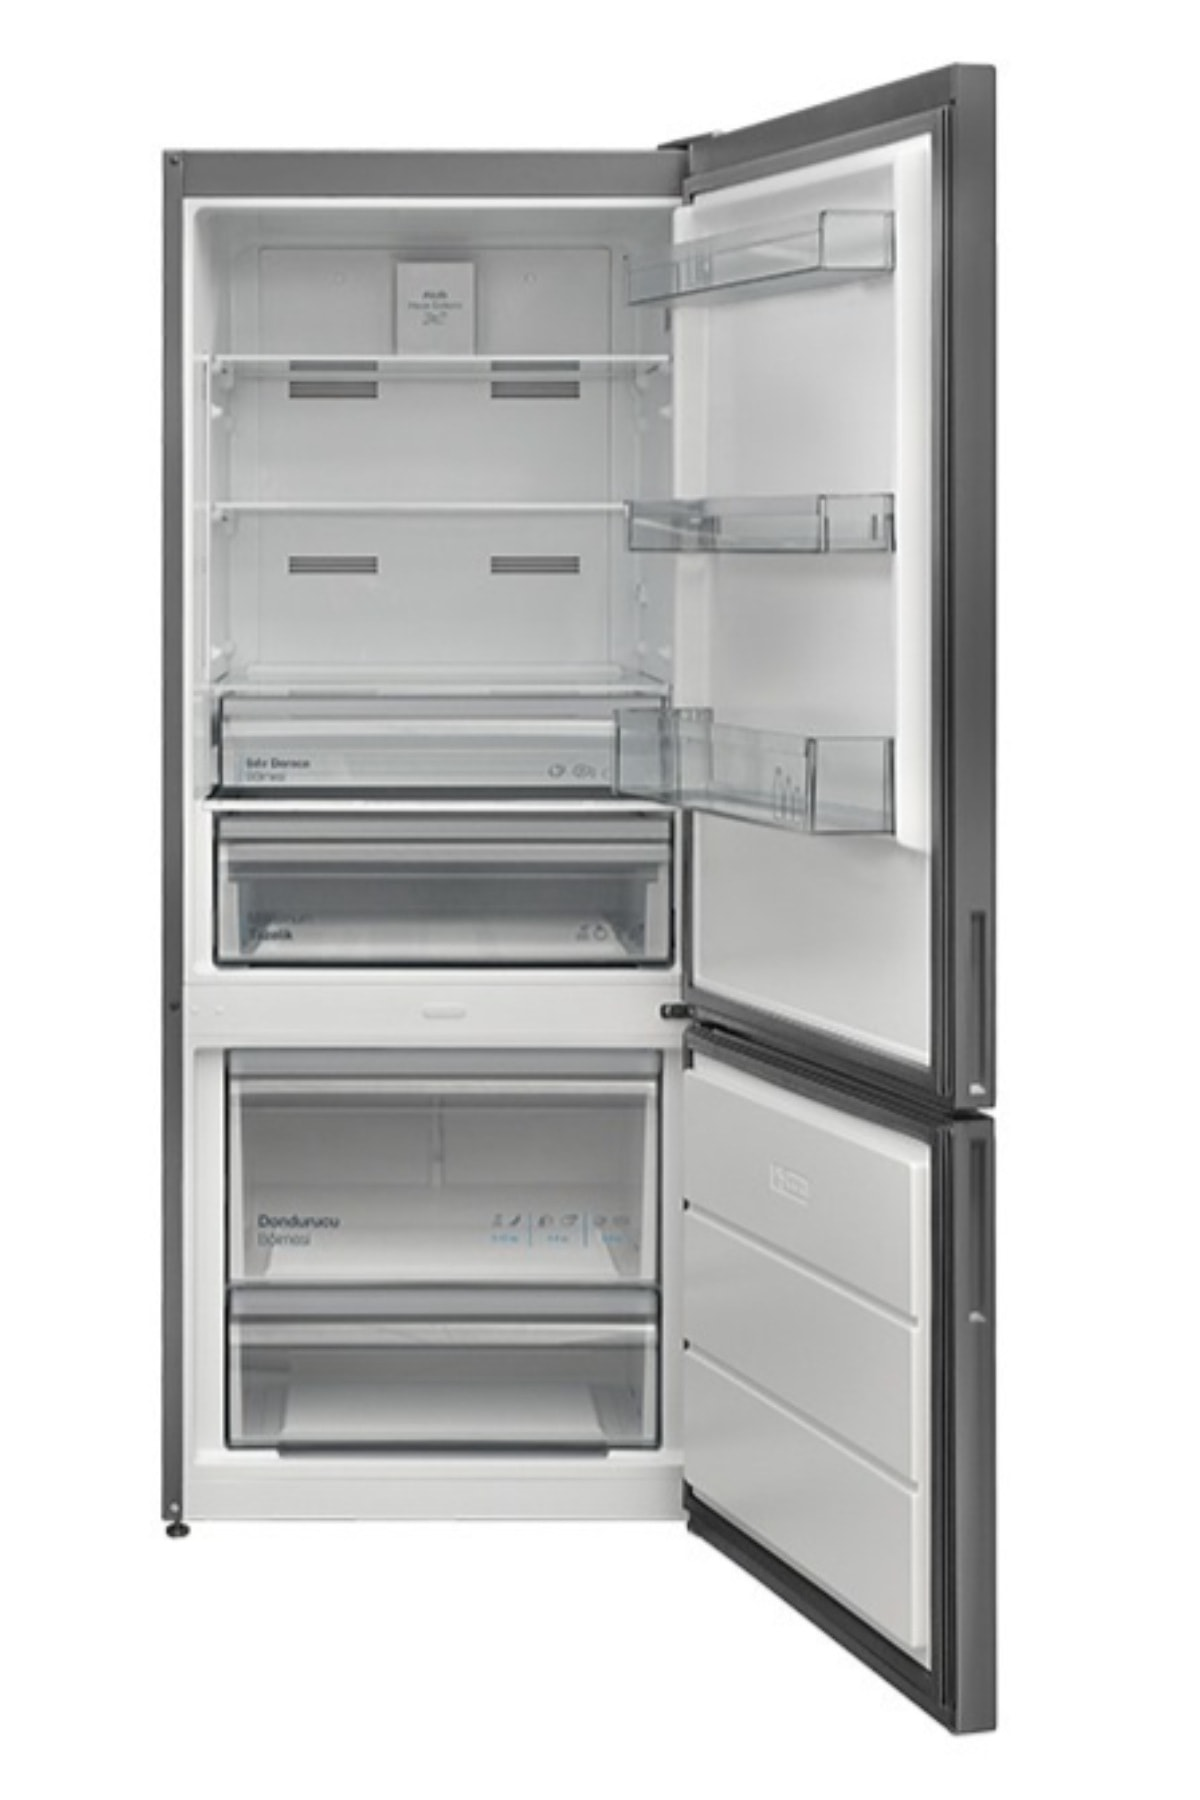 Regal NFK 4820 IG A++ Kombi No Frost Buzdolabı 2